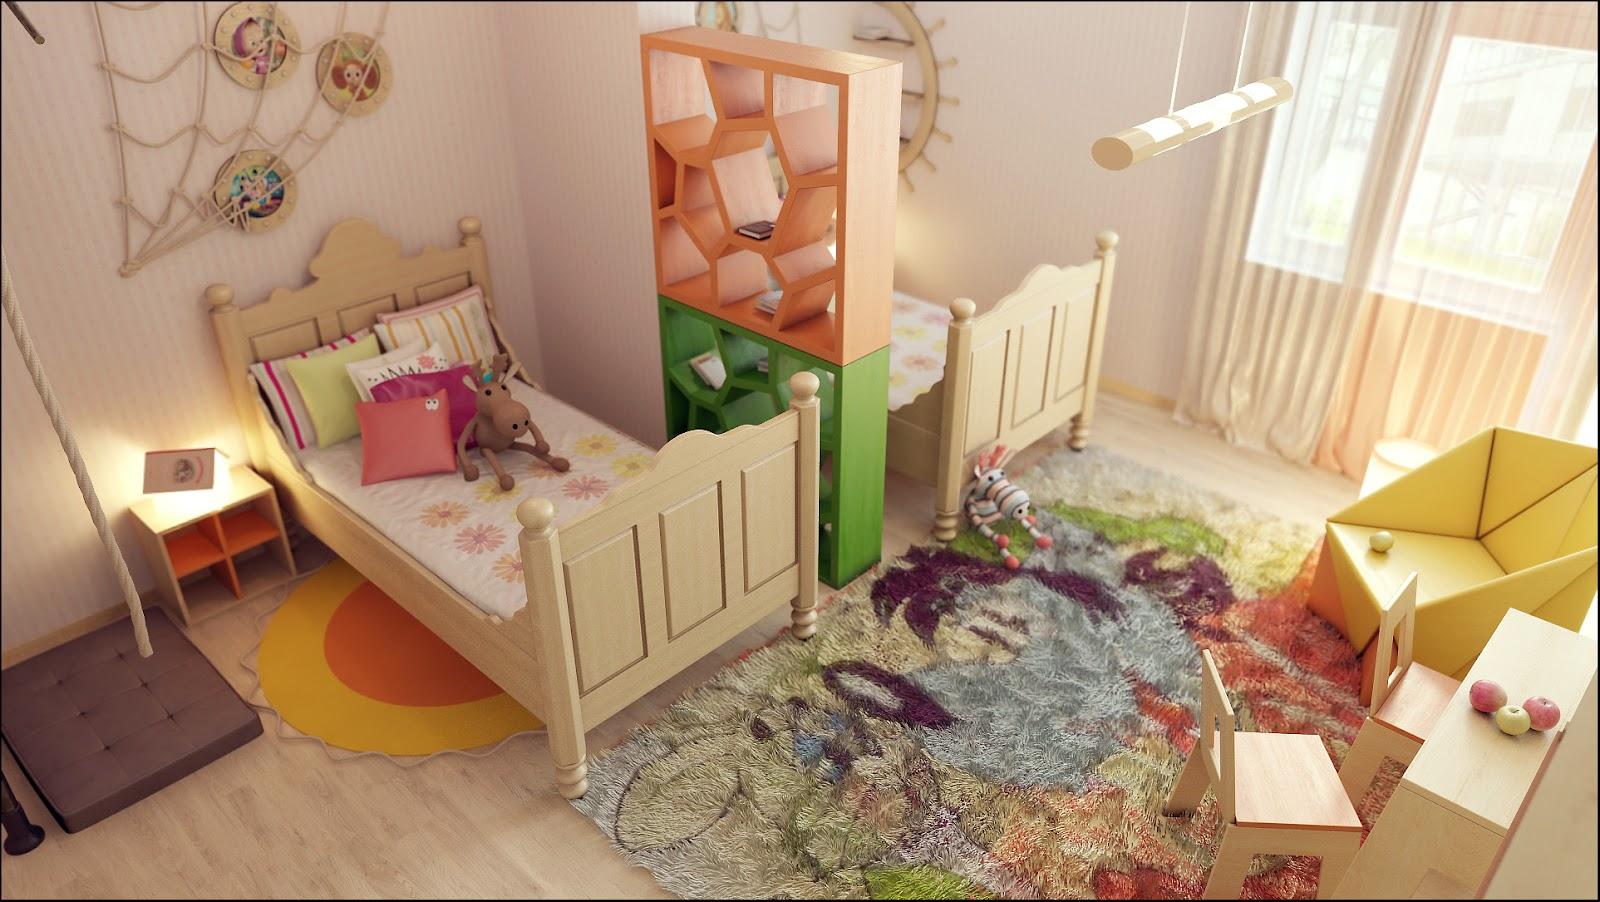 Как в одной комнате сделать две зоны: спальню 95